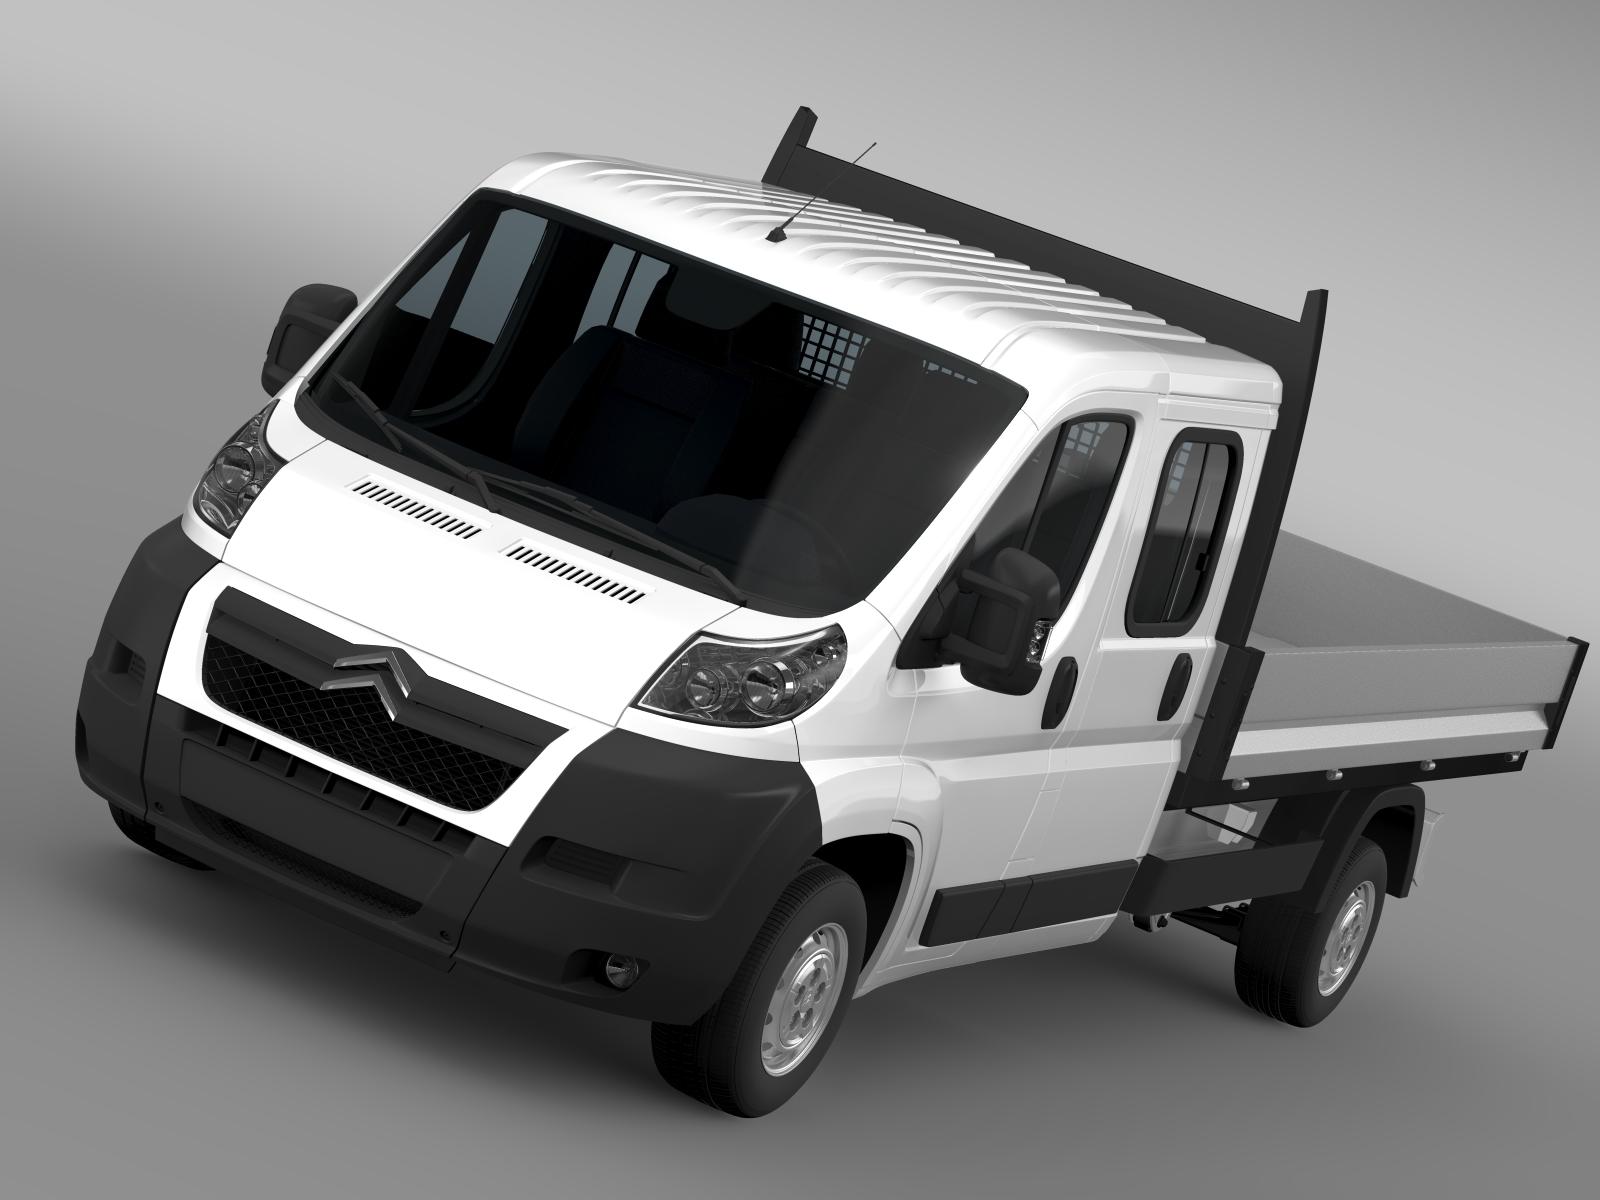 citroen relay crew cab truck 2009-2014 3d model 3ds maks fbx c4d lwo ma mb hrc xsi obj 218682